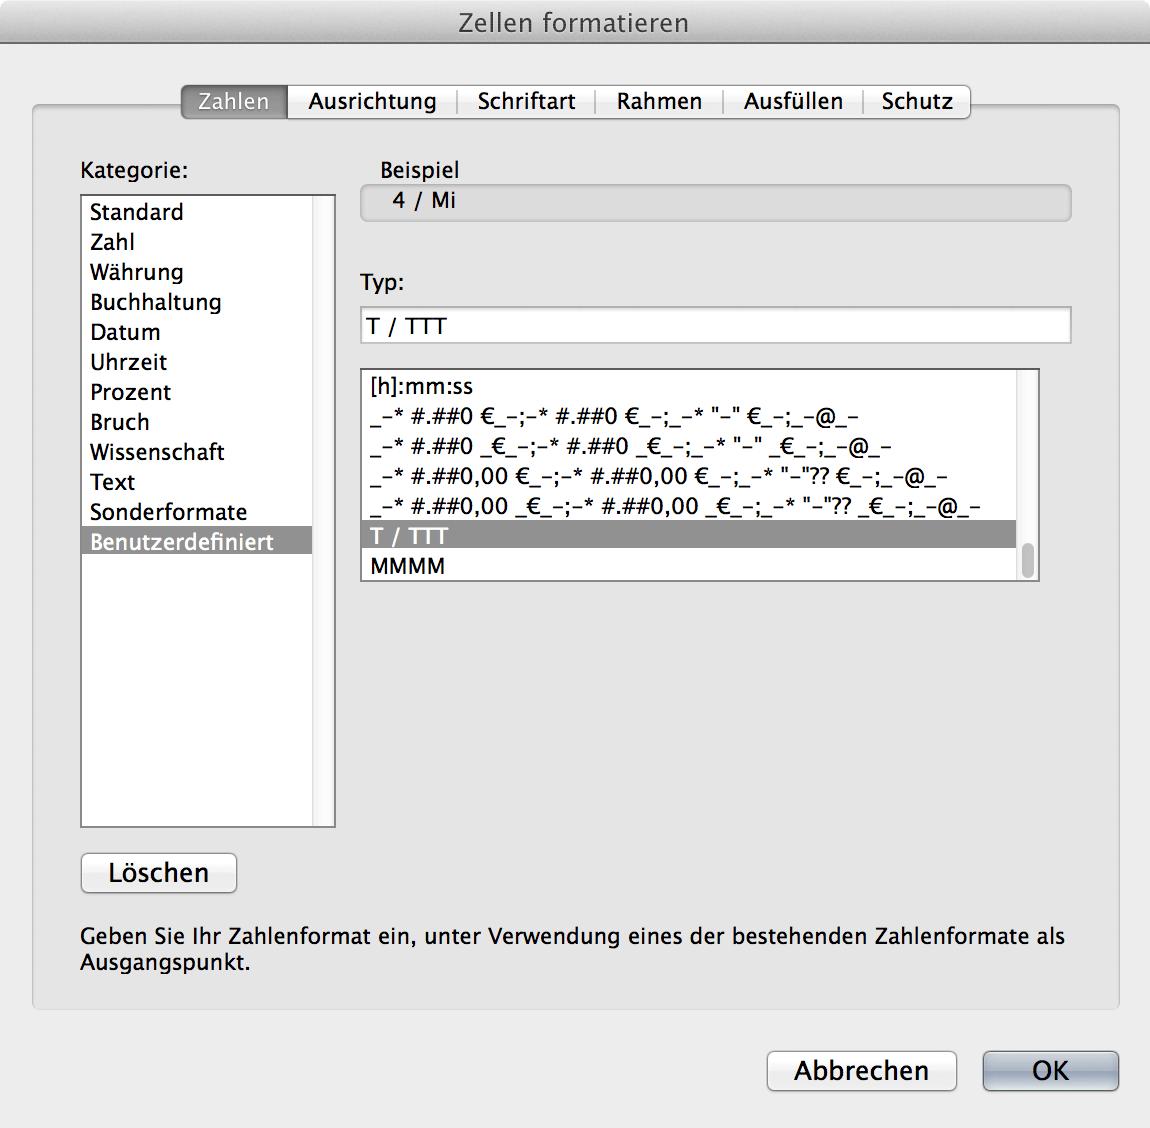 Bildschirmfoto Excelformale für Datumsformatierung